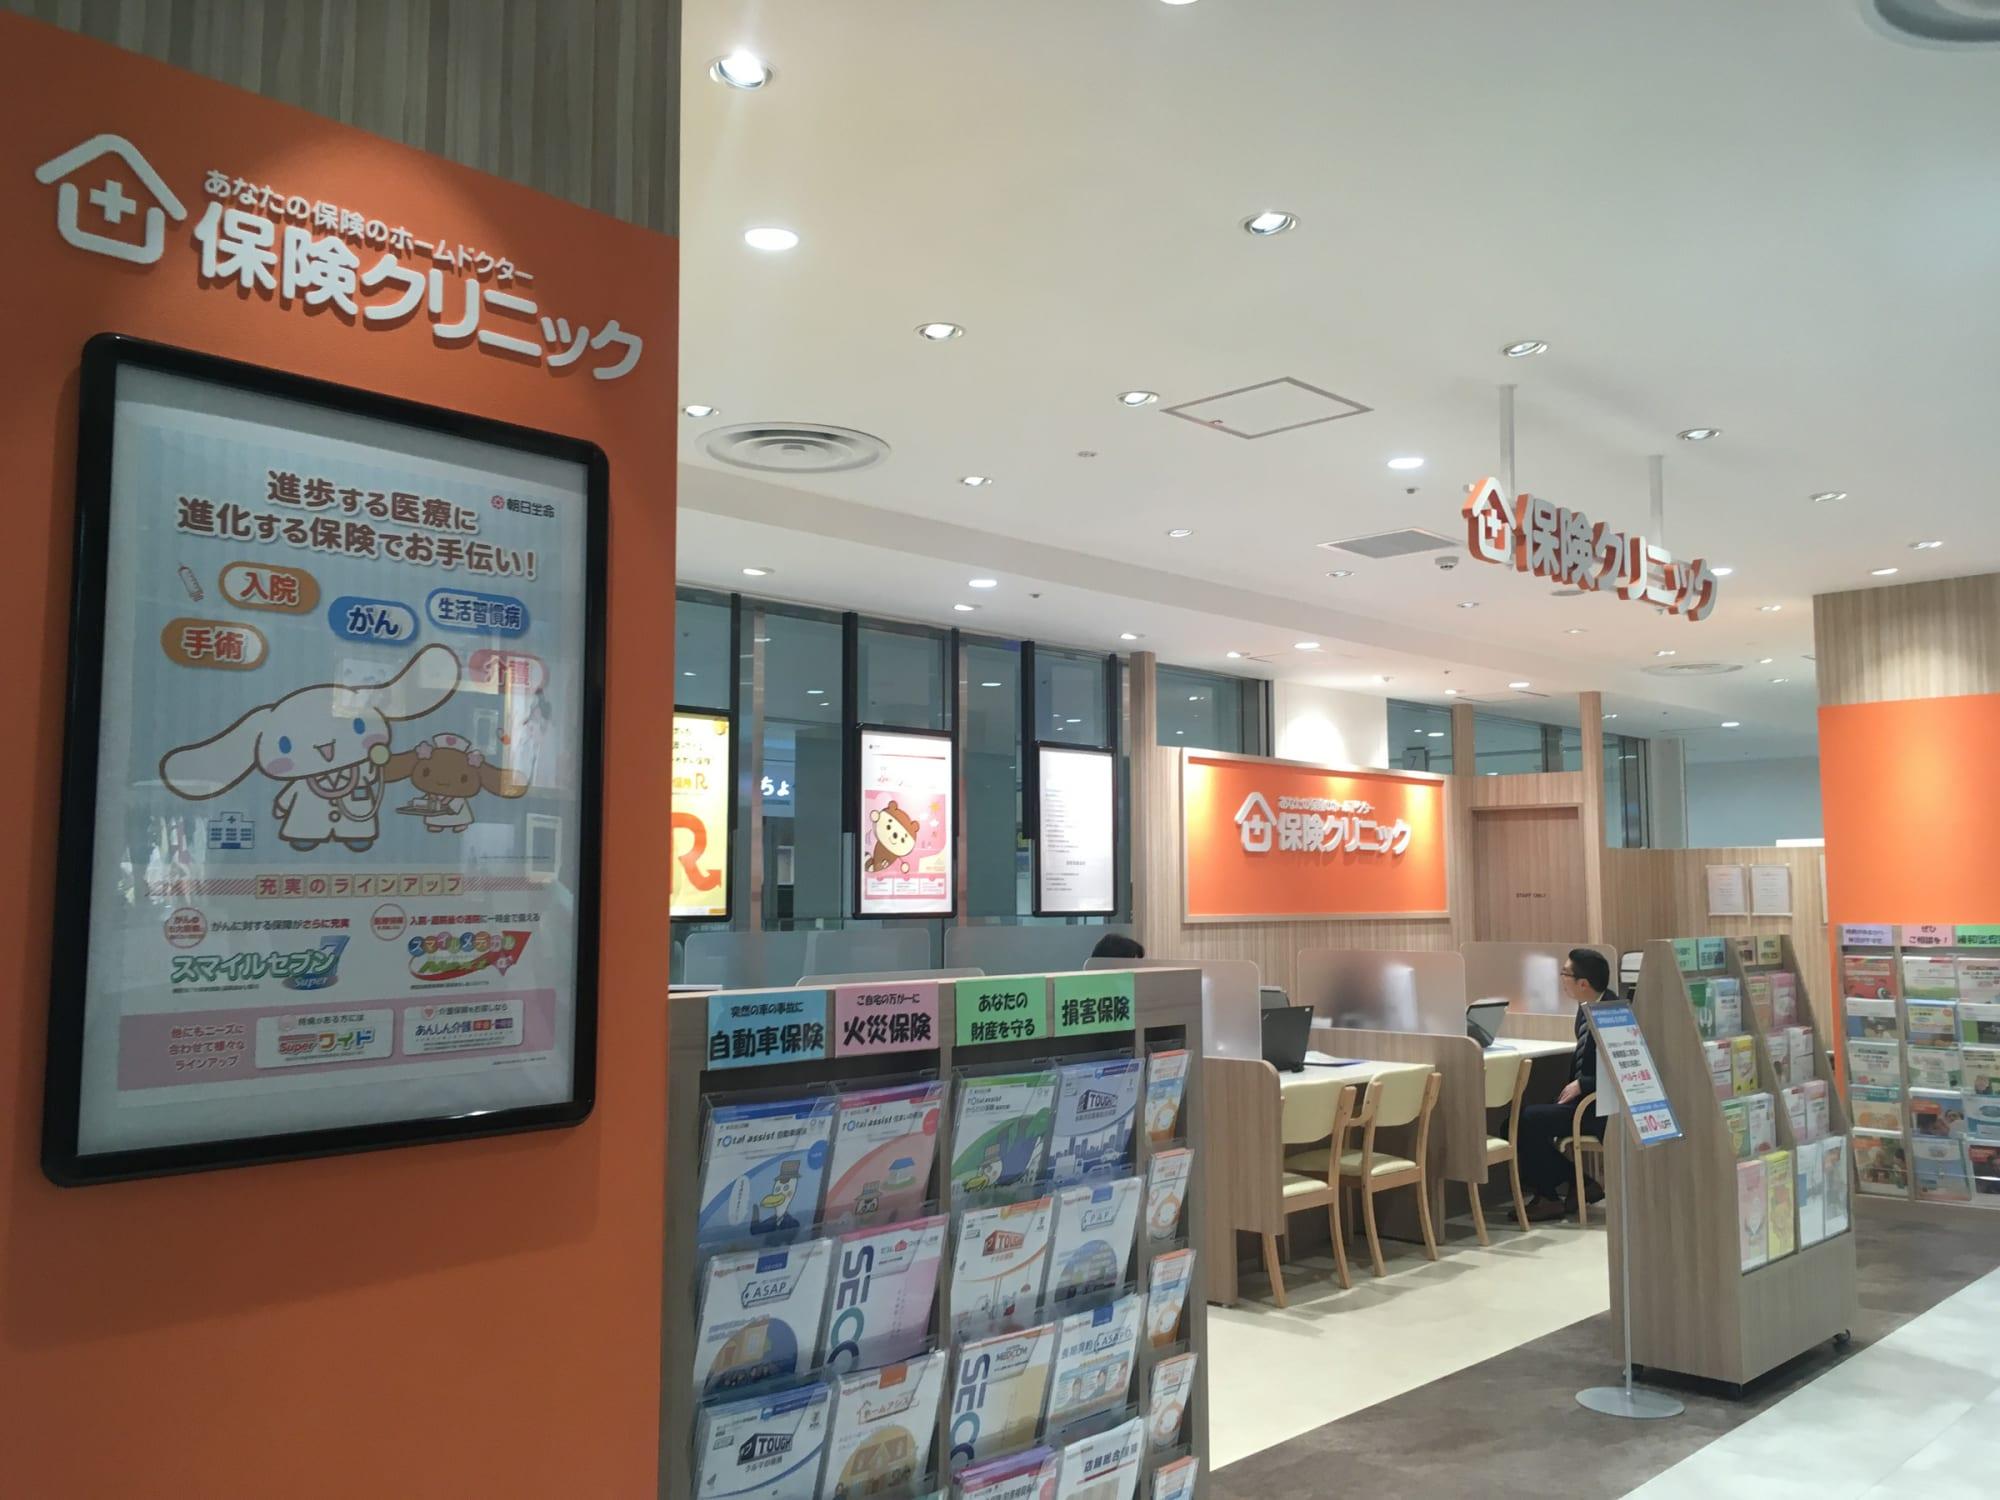 錦糸 町 駅前 レディース クリニック